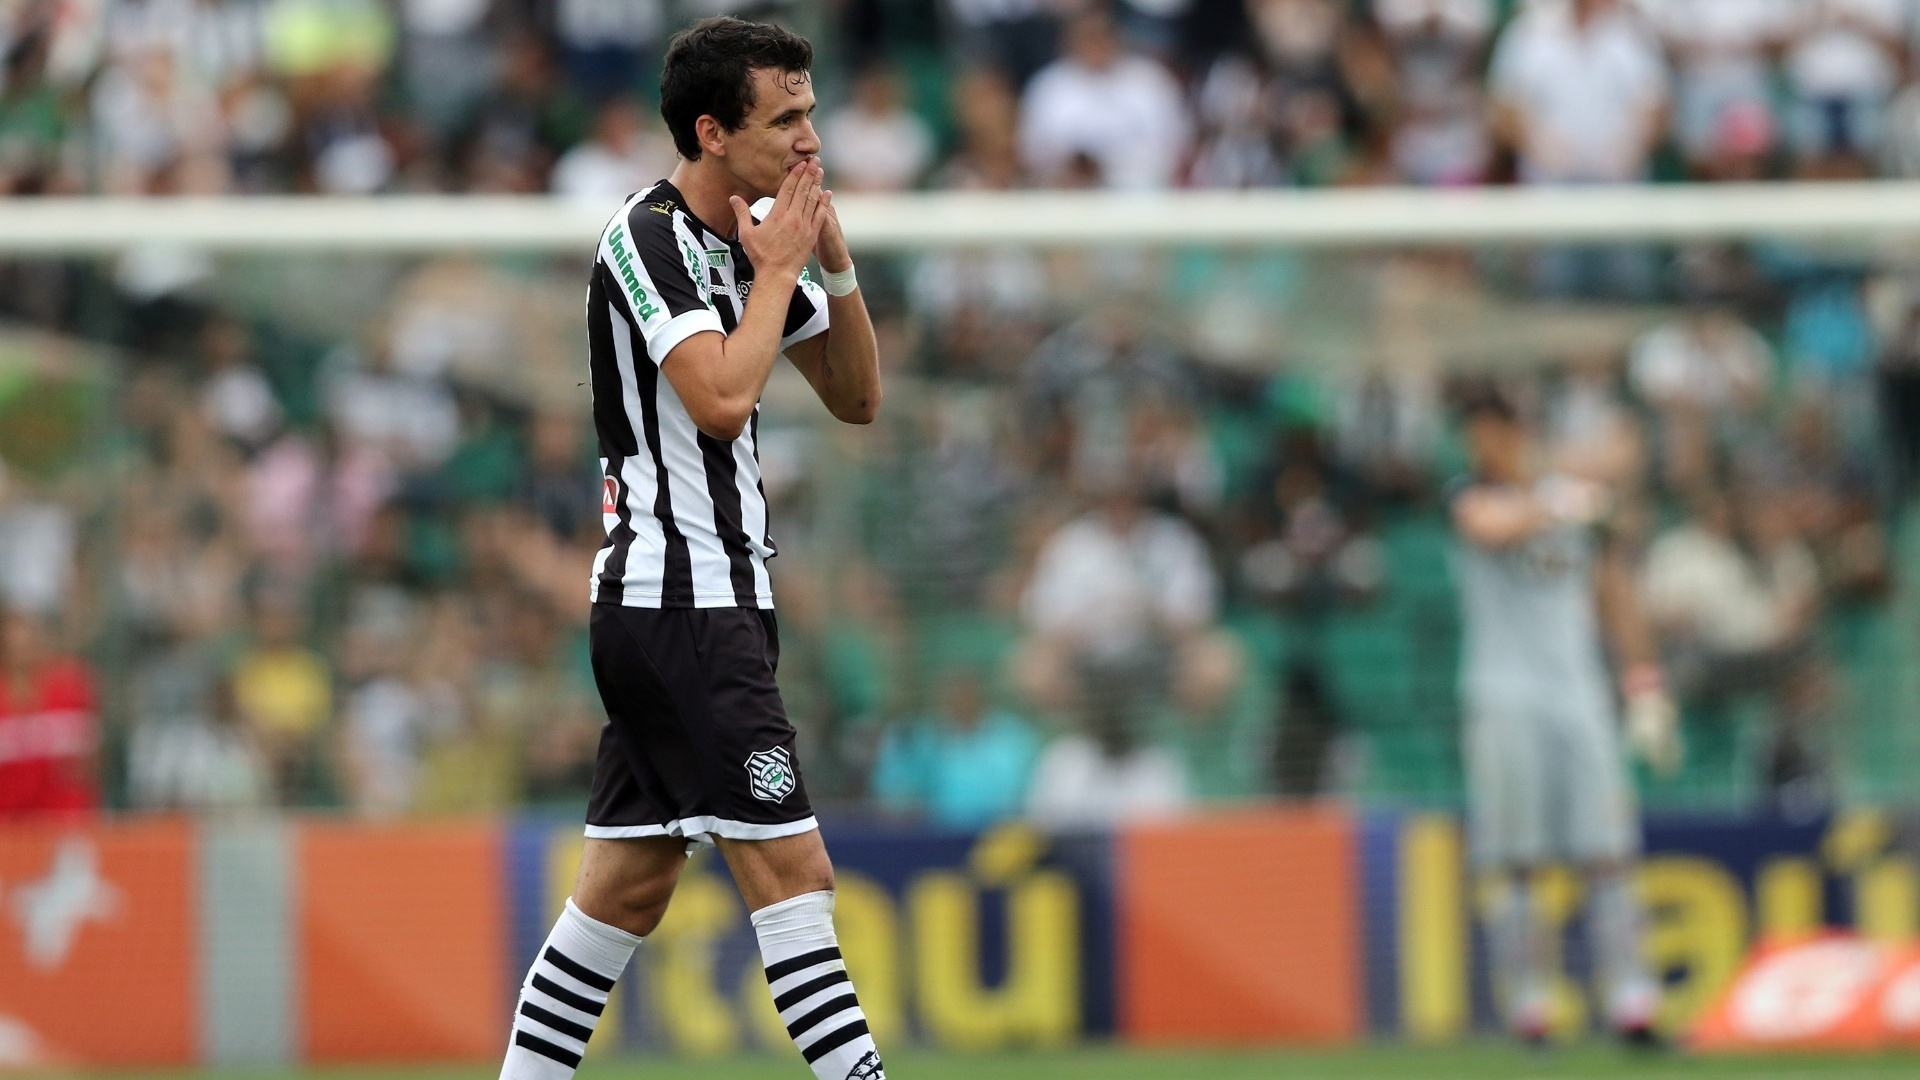 Pablo comemora gol do Figueirense contra o Vitória